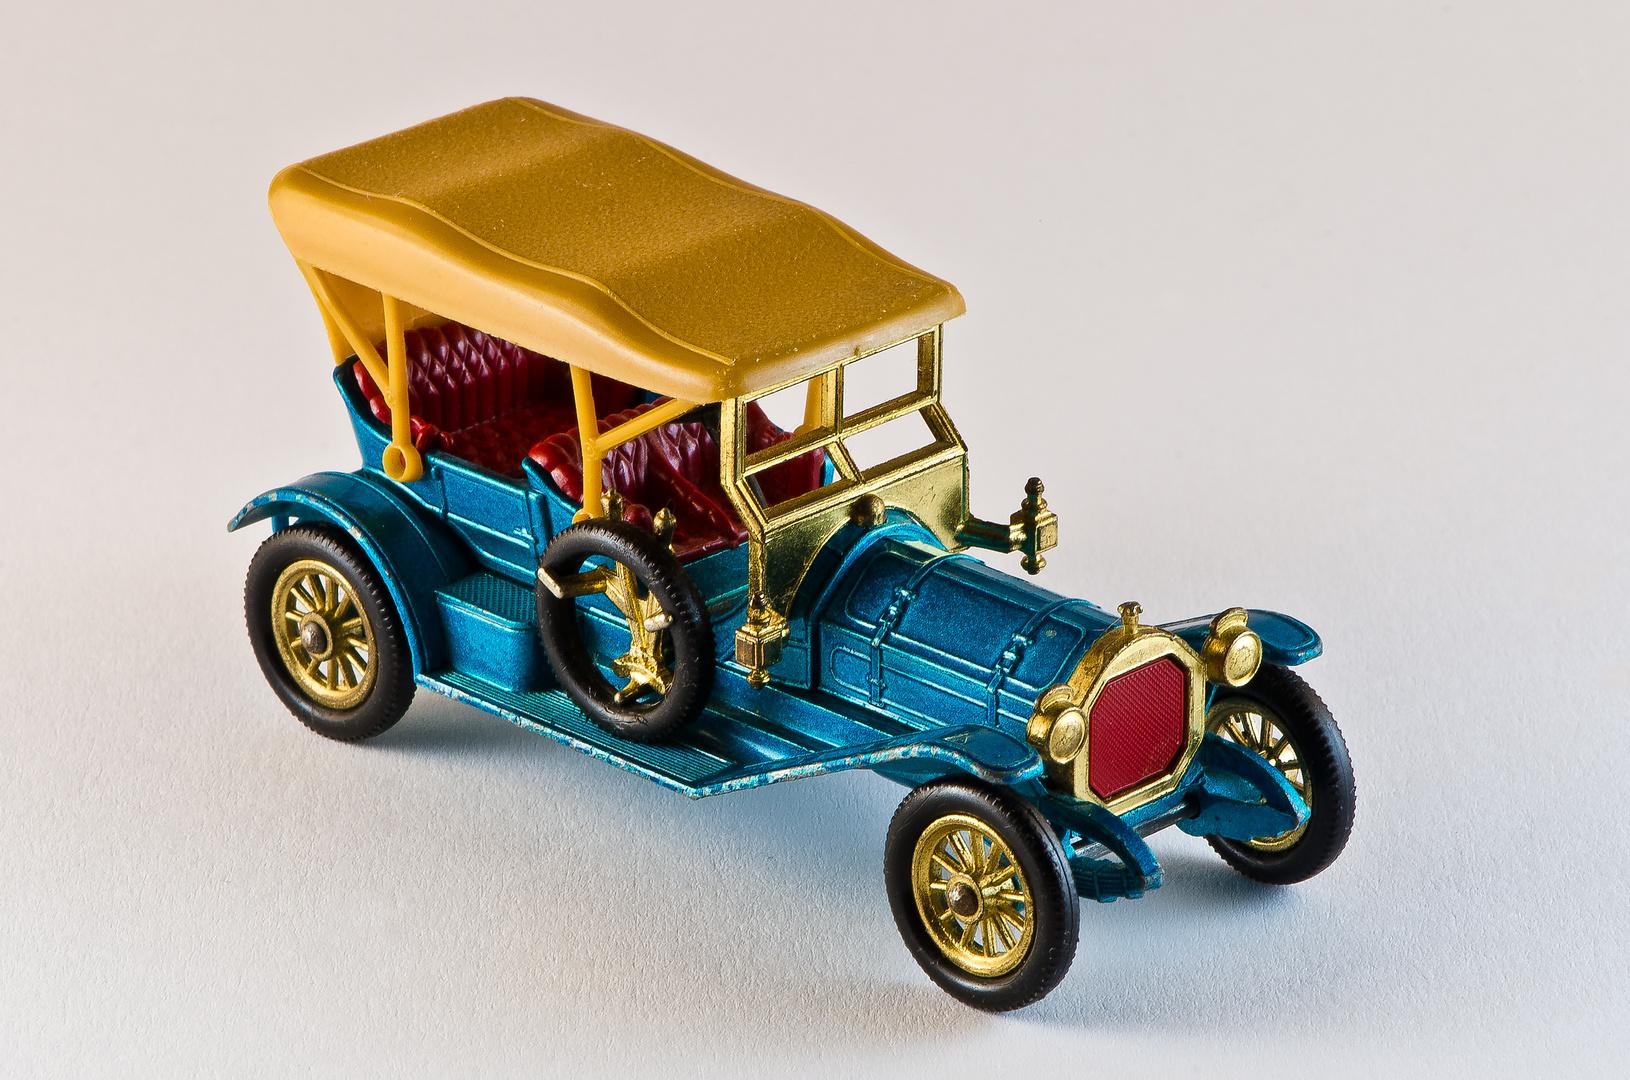 Spielzeugautos oldtimer foto bild stillleben